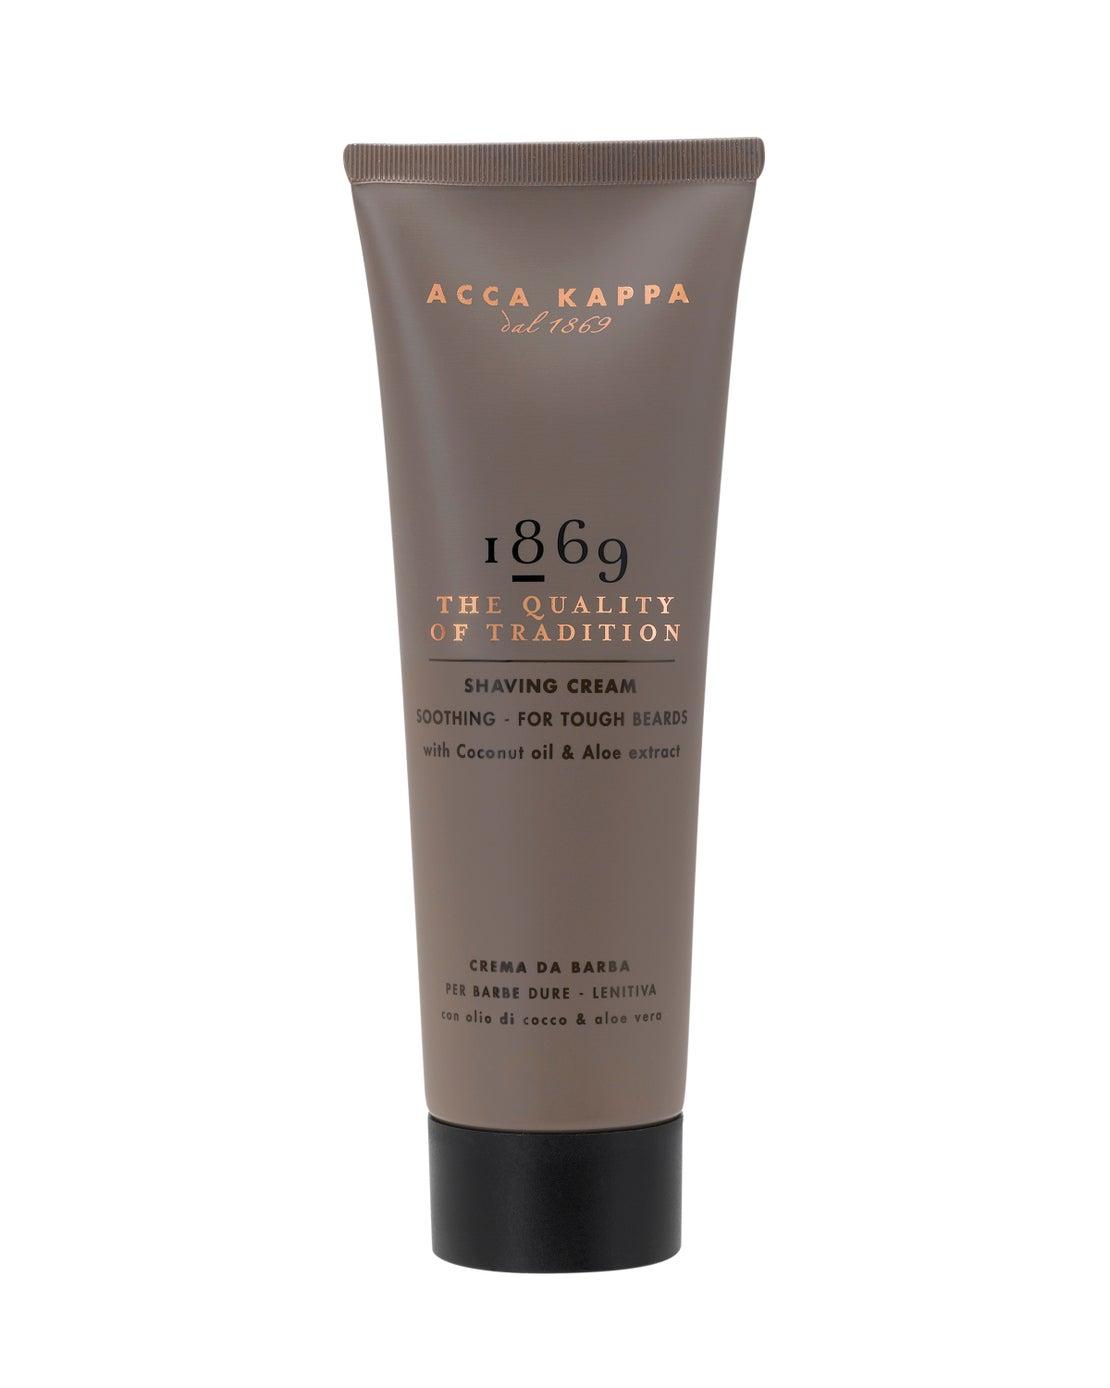 Acca Kappa - 1869 Shaving Cream (125ml)